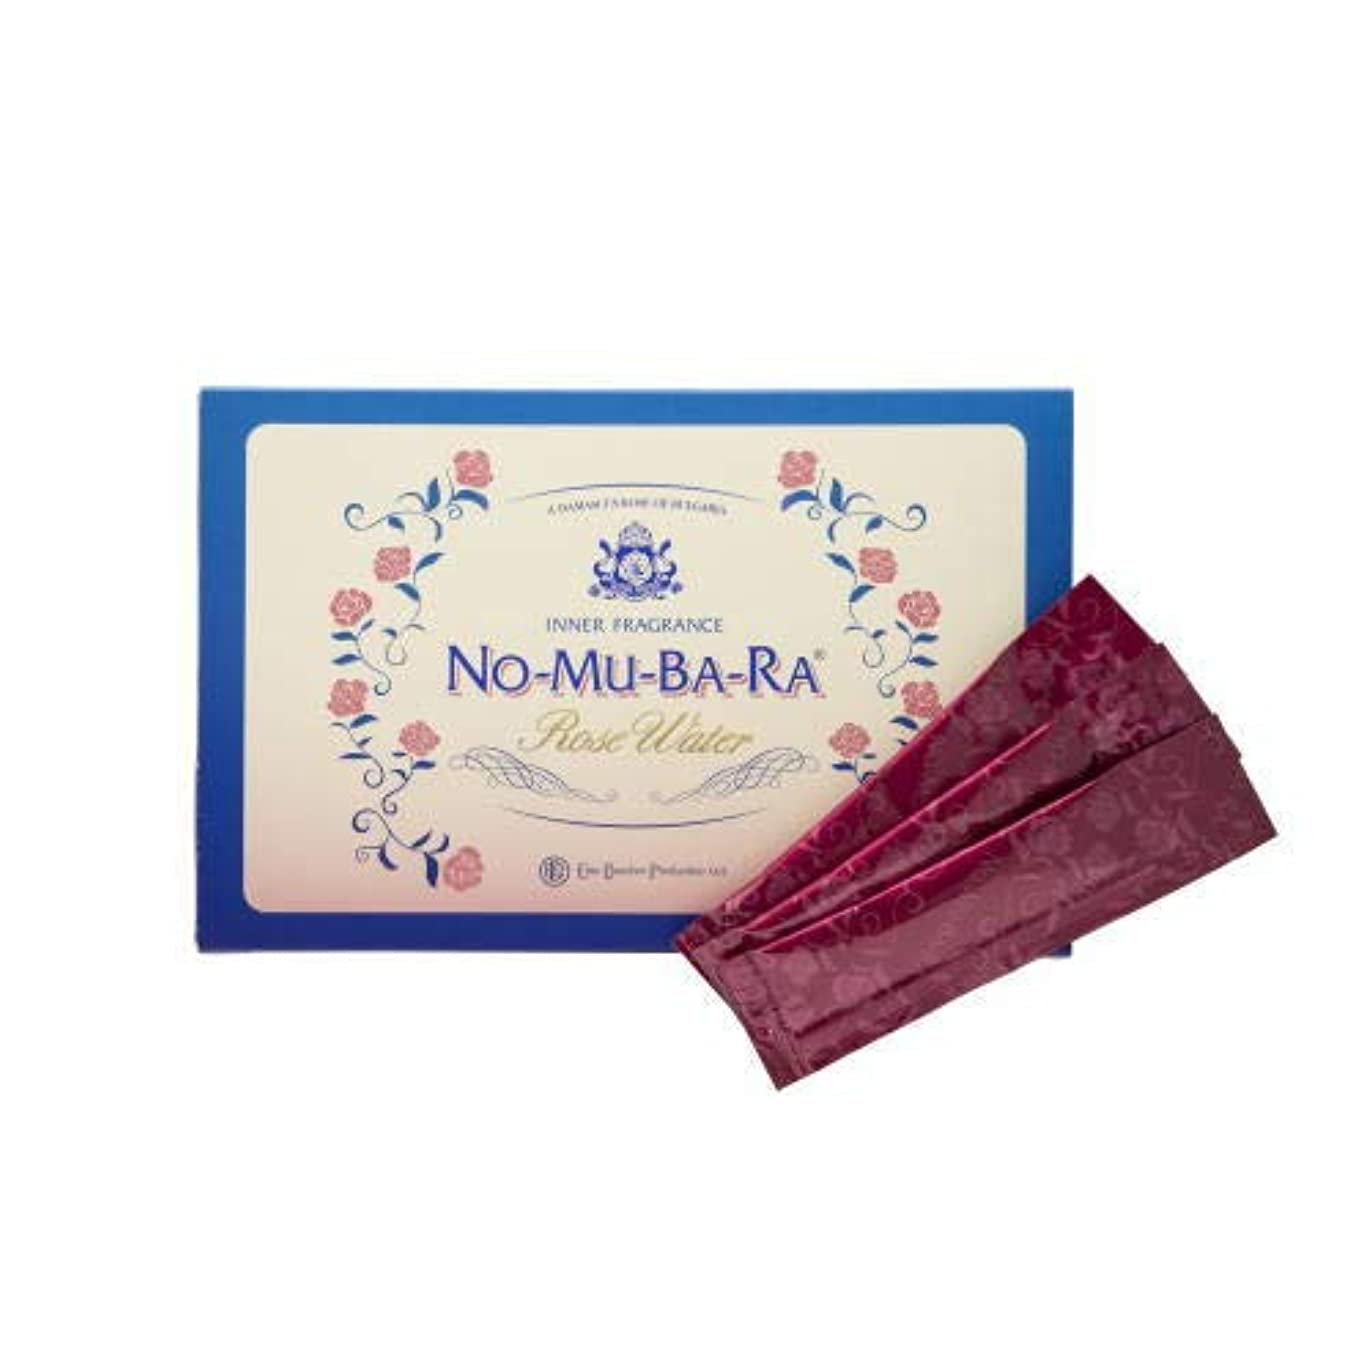 メダリスト金属転用NO-MU-BA-RA NO-MU-BA-RA(ノムバラ)(35包入)×2箱【モンドセレクション受賞】